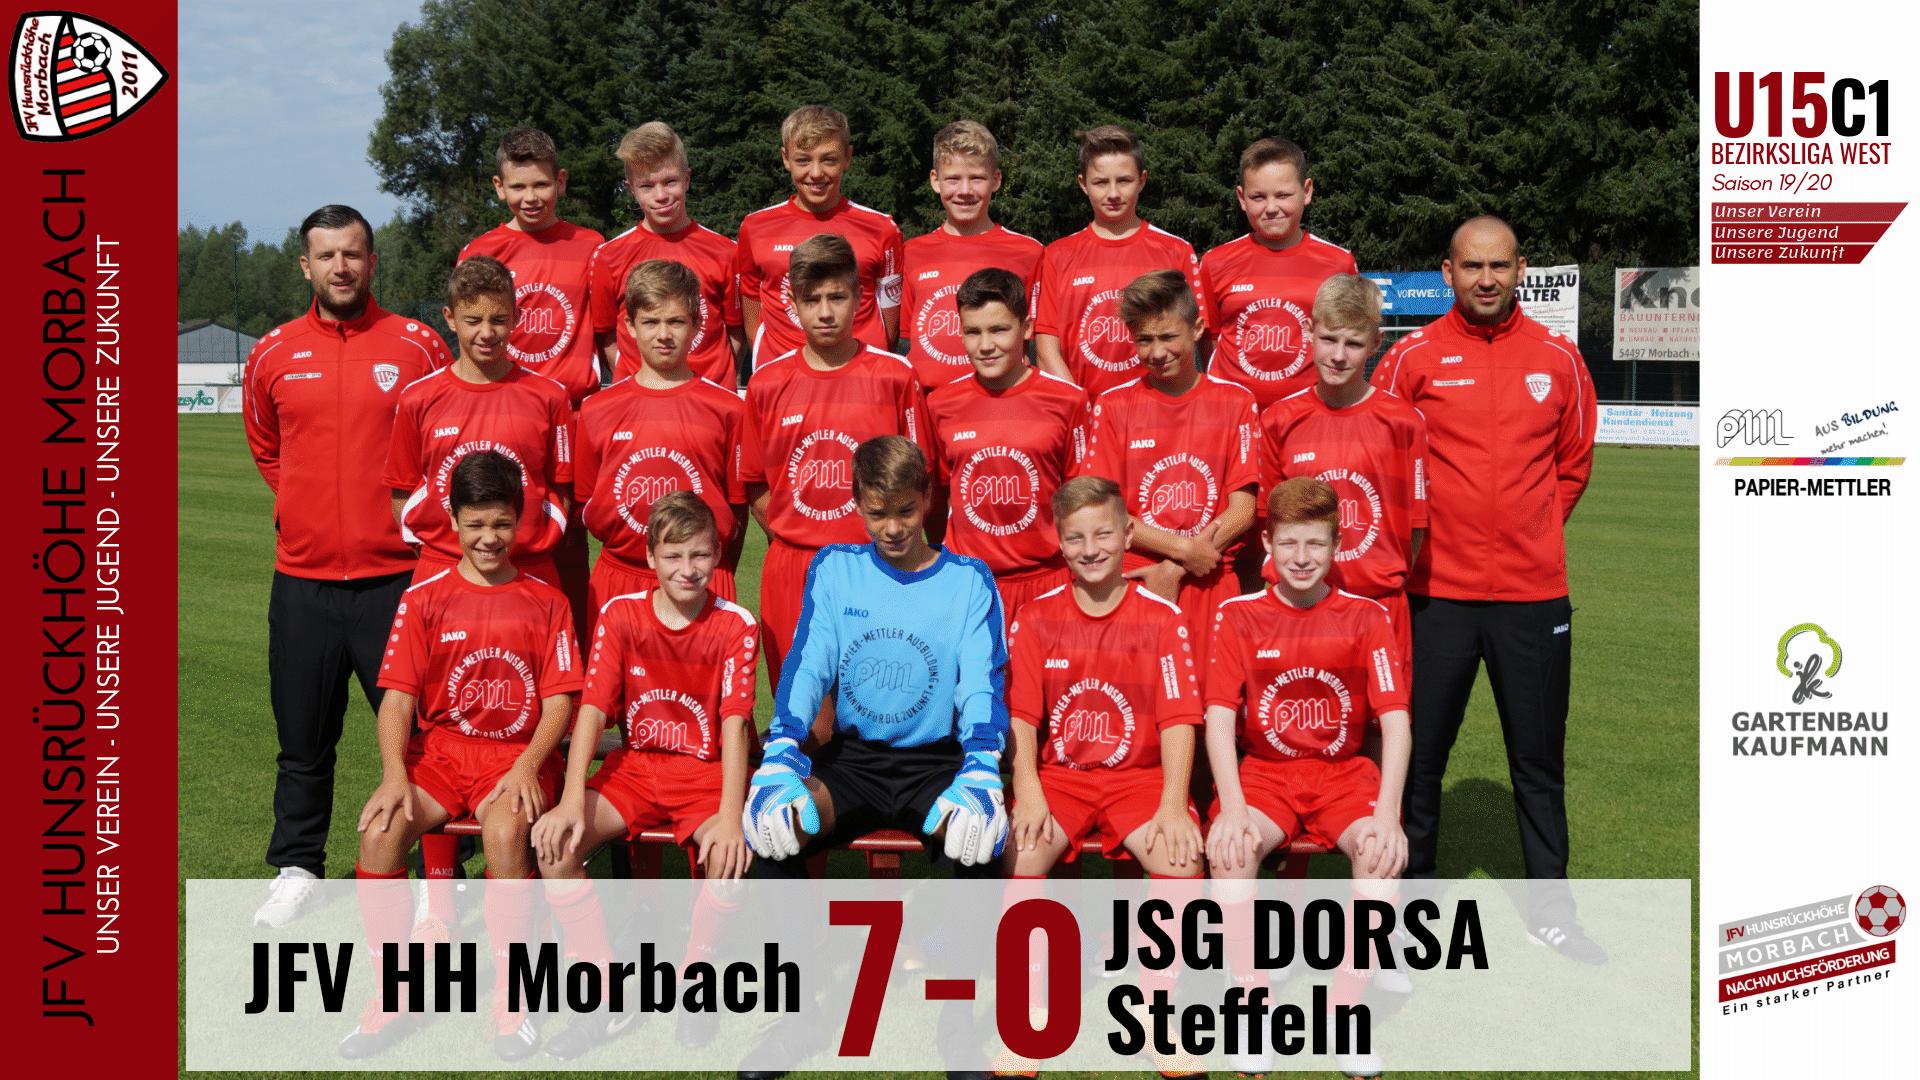 U15 C1: JFV Hunsrückhöhe Morbach – JSG DORSA-Steffeln 7-0 (3-0)